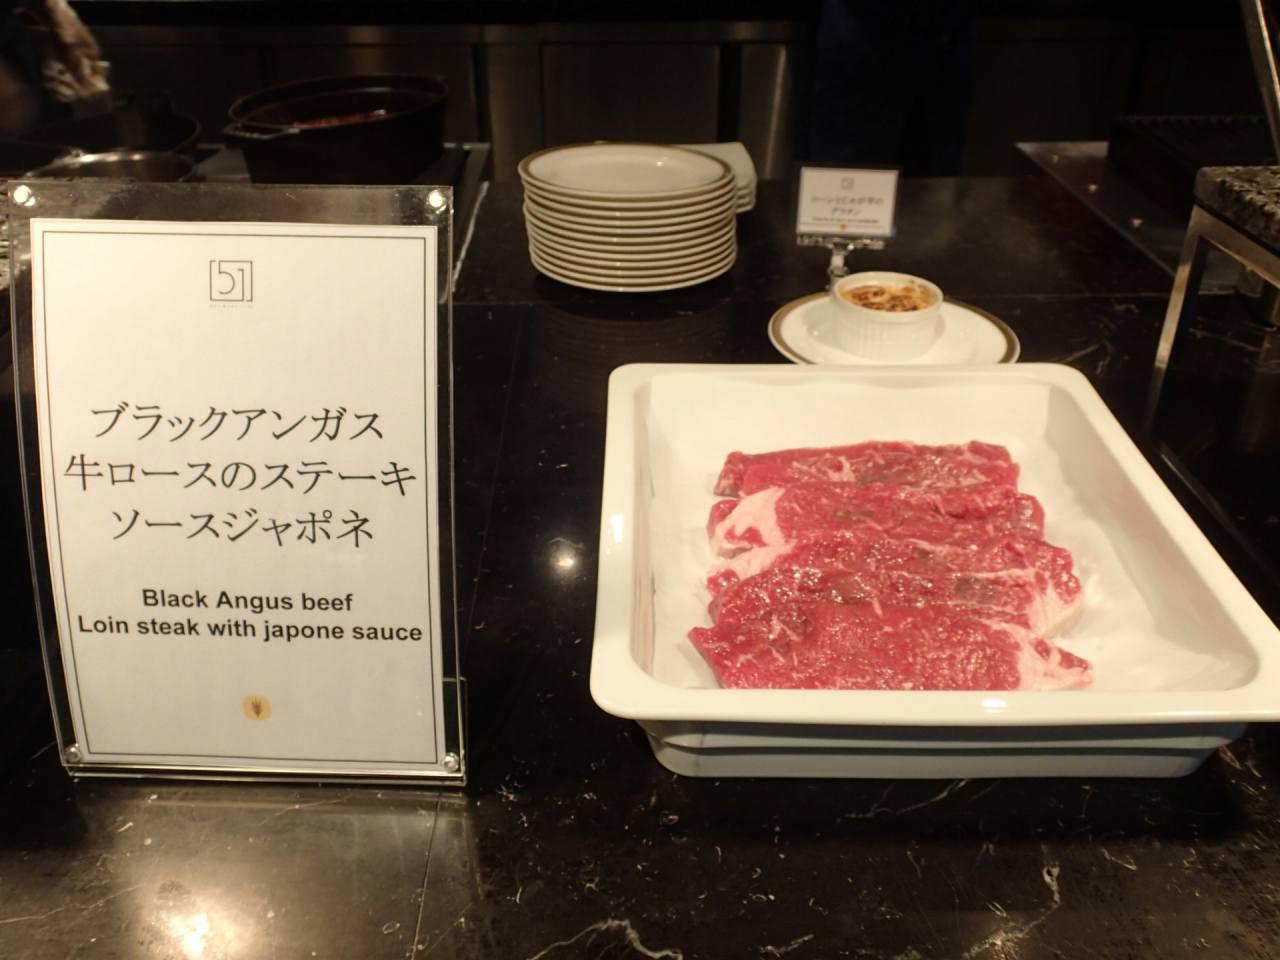 ブラックアンガス牛ロースのステーキソースジャポネ